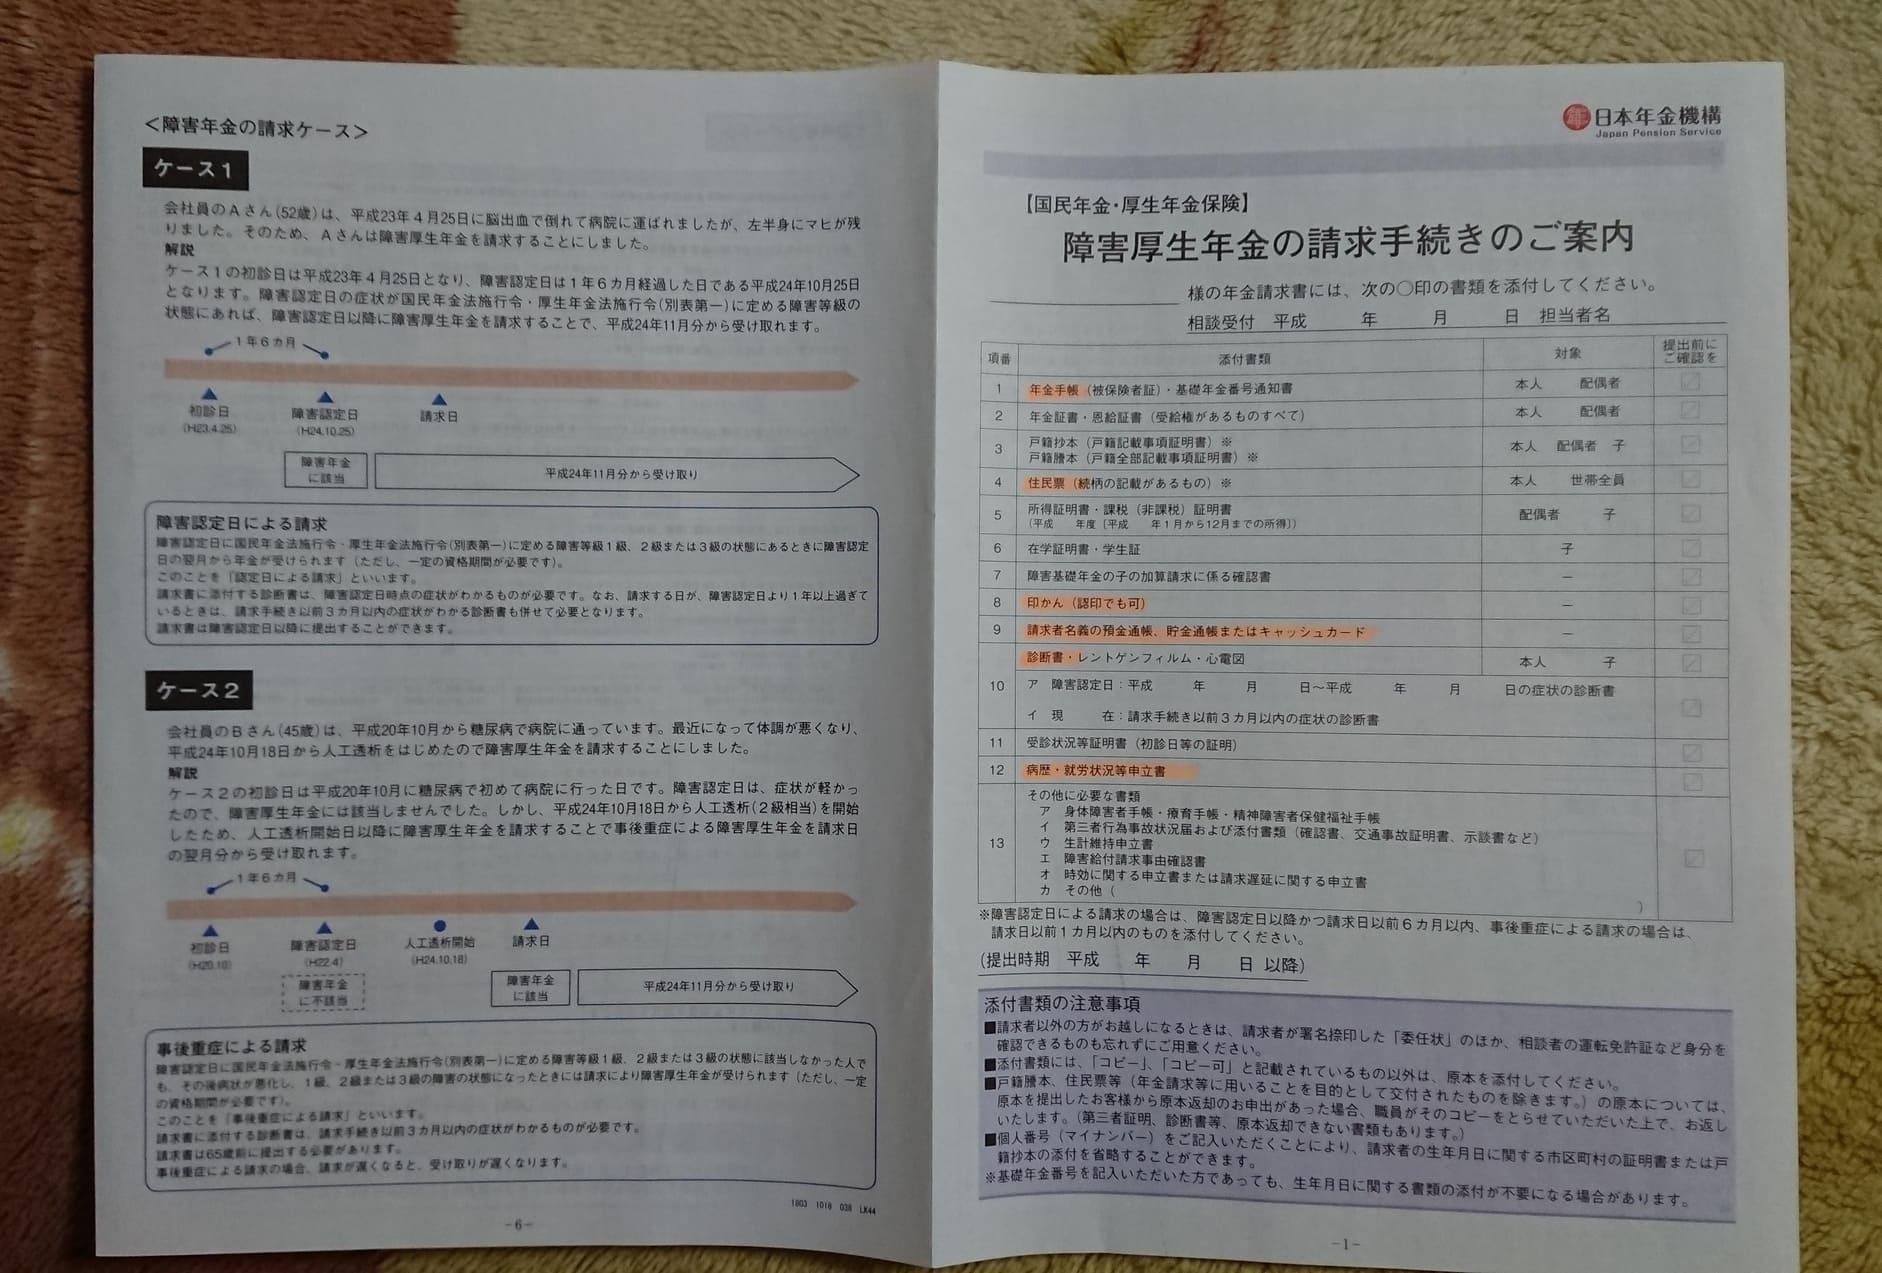 障害厚生年金請求手続き書類1